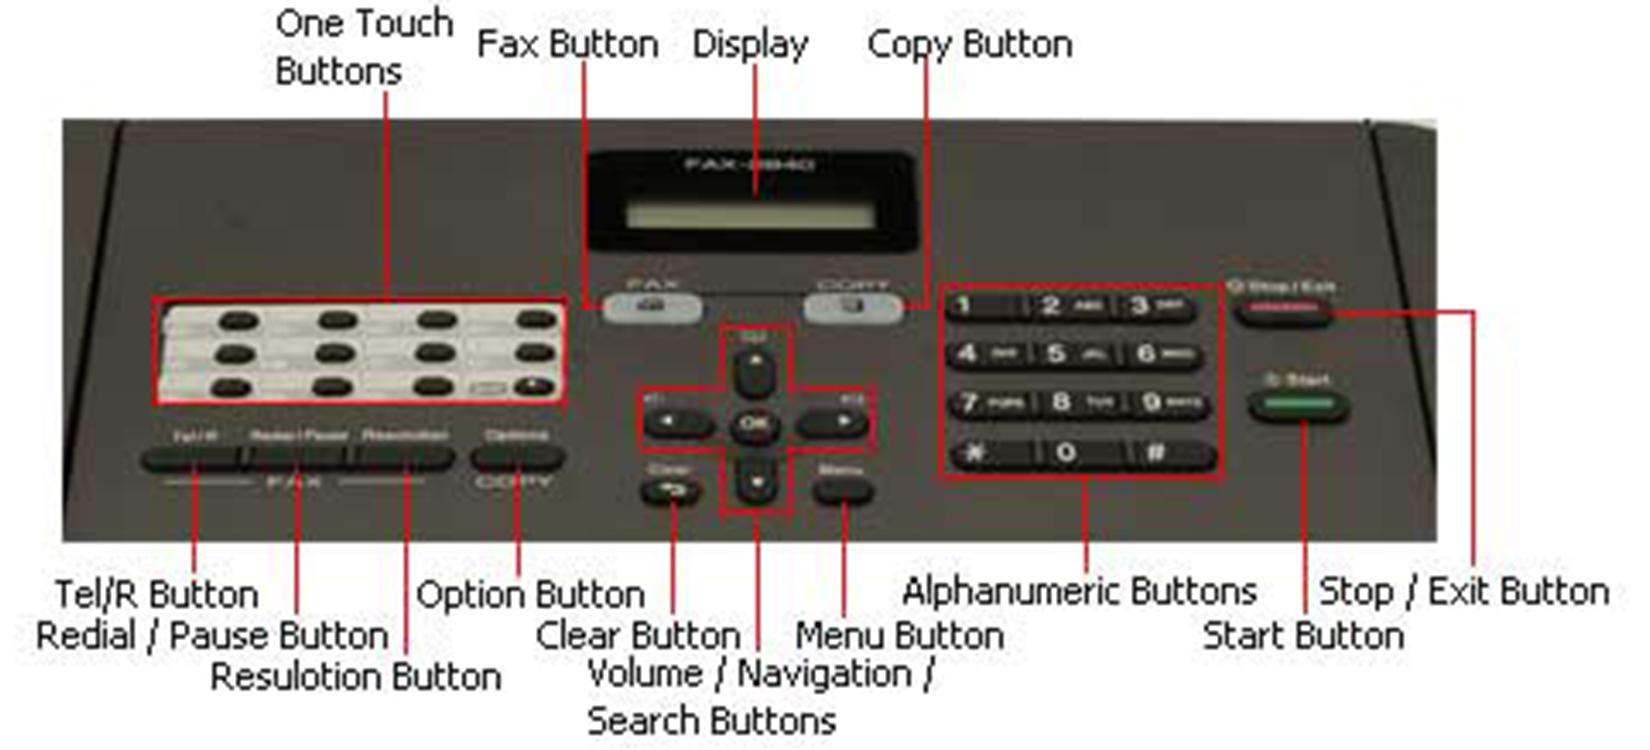 Mặt trước Máy Fax Brother 2840